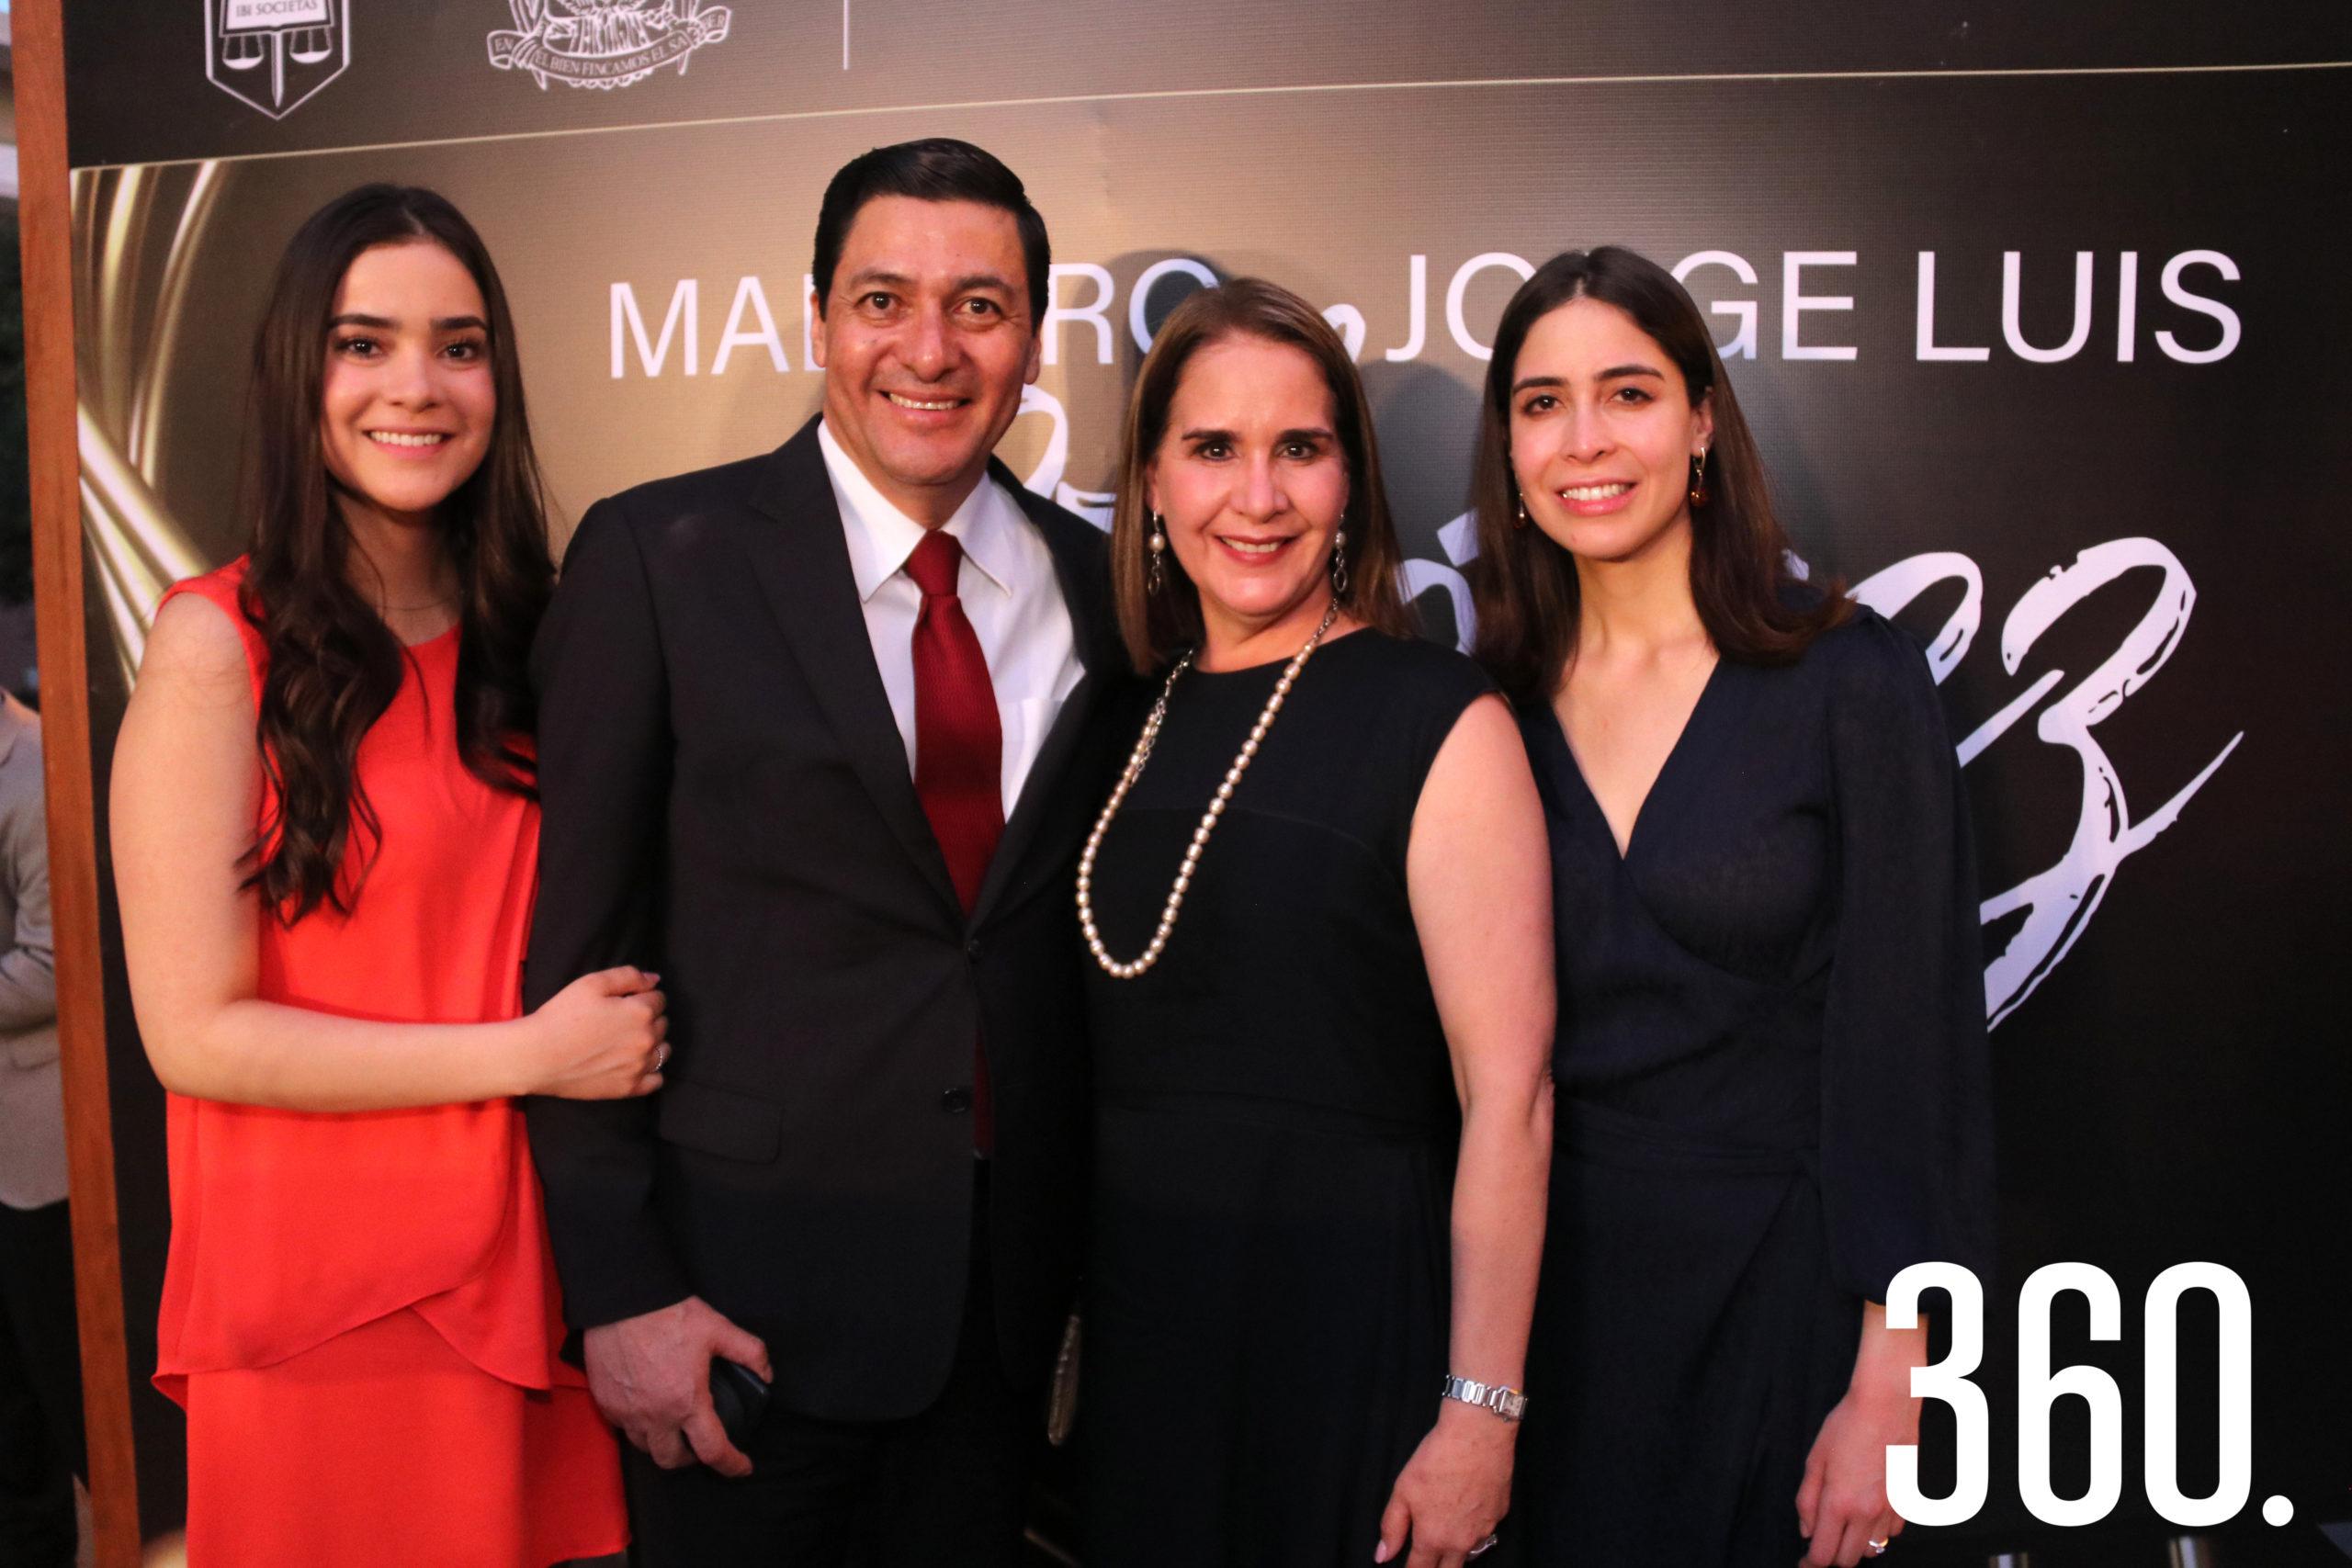 Acompañaron a Jorge Luis Chávez Martínez su esposa, Alma Leticia Gómez, y sus hijas Sofía Alejandra y Ana Leticia Chávez Gómez.